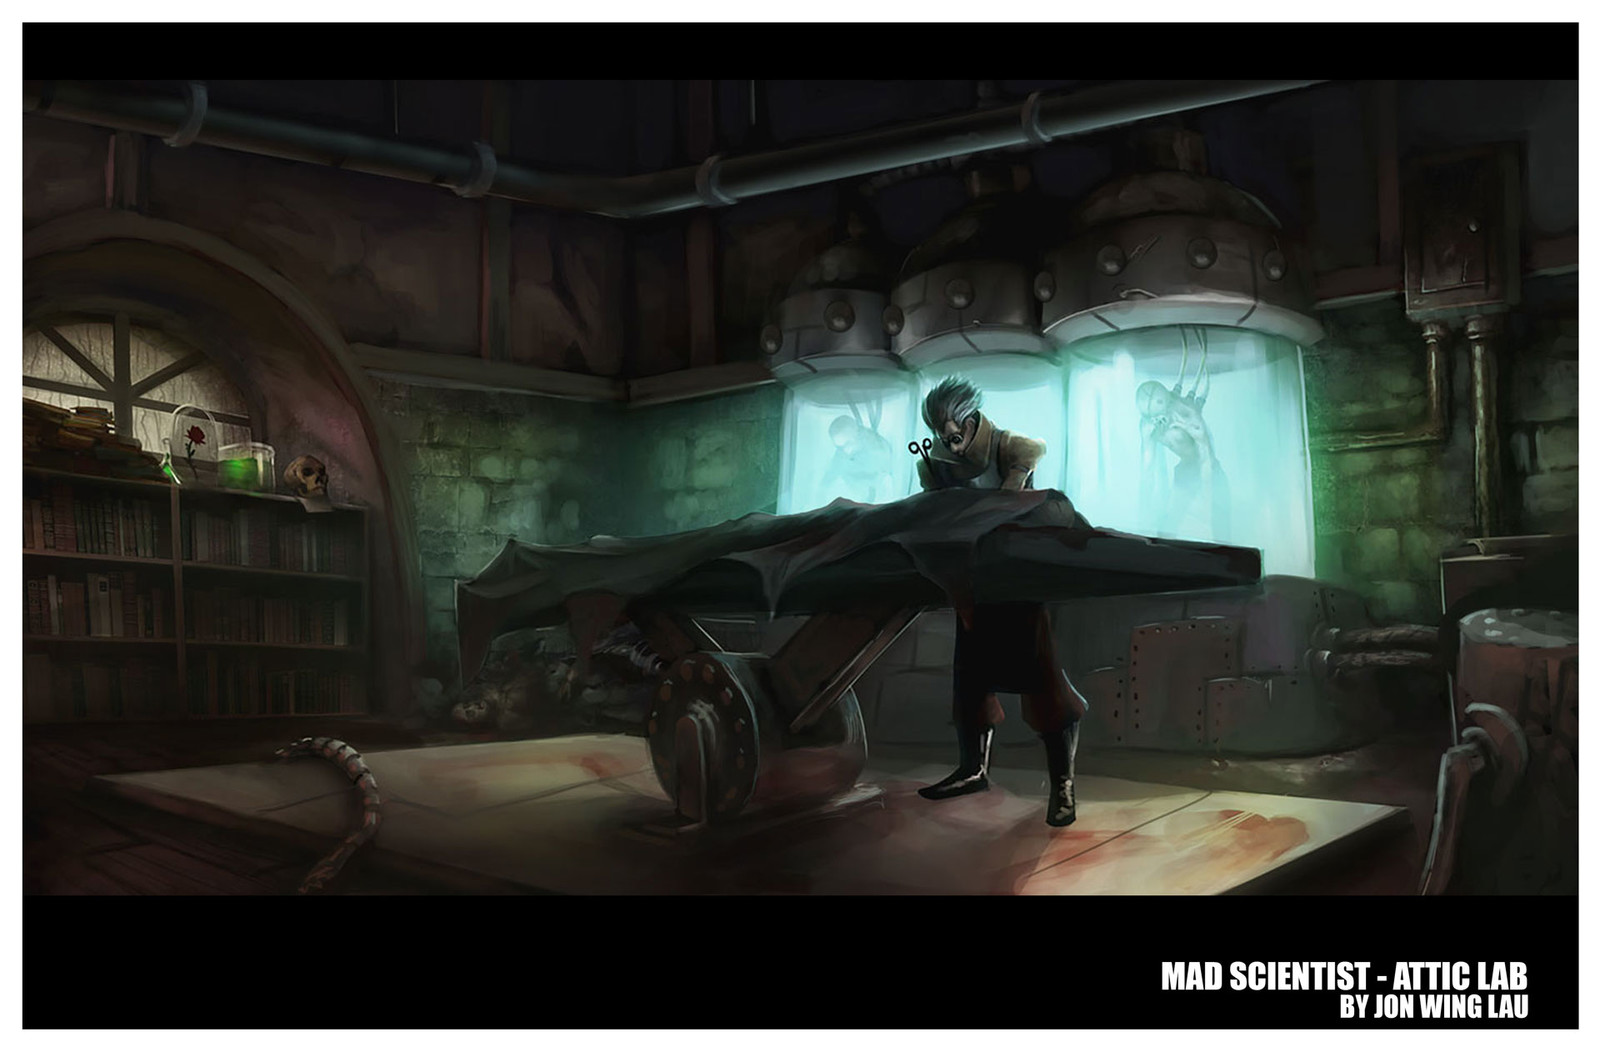 Mad Scientist - Attic Lab